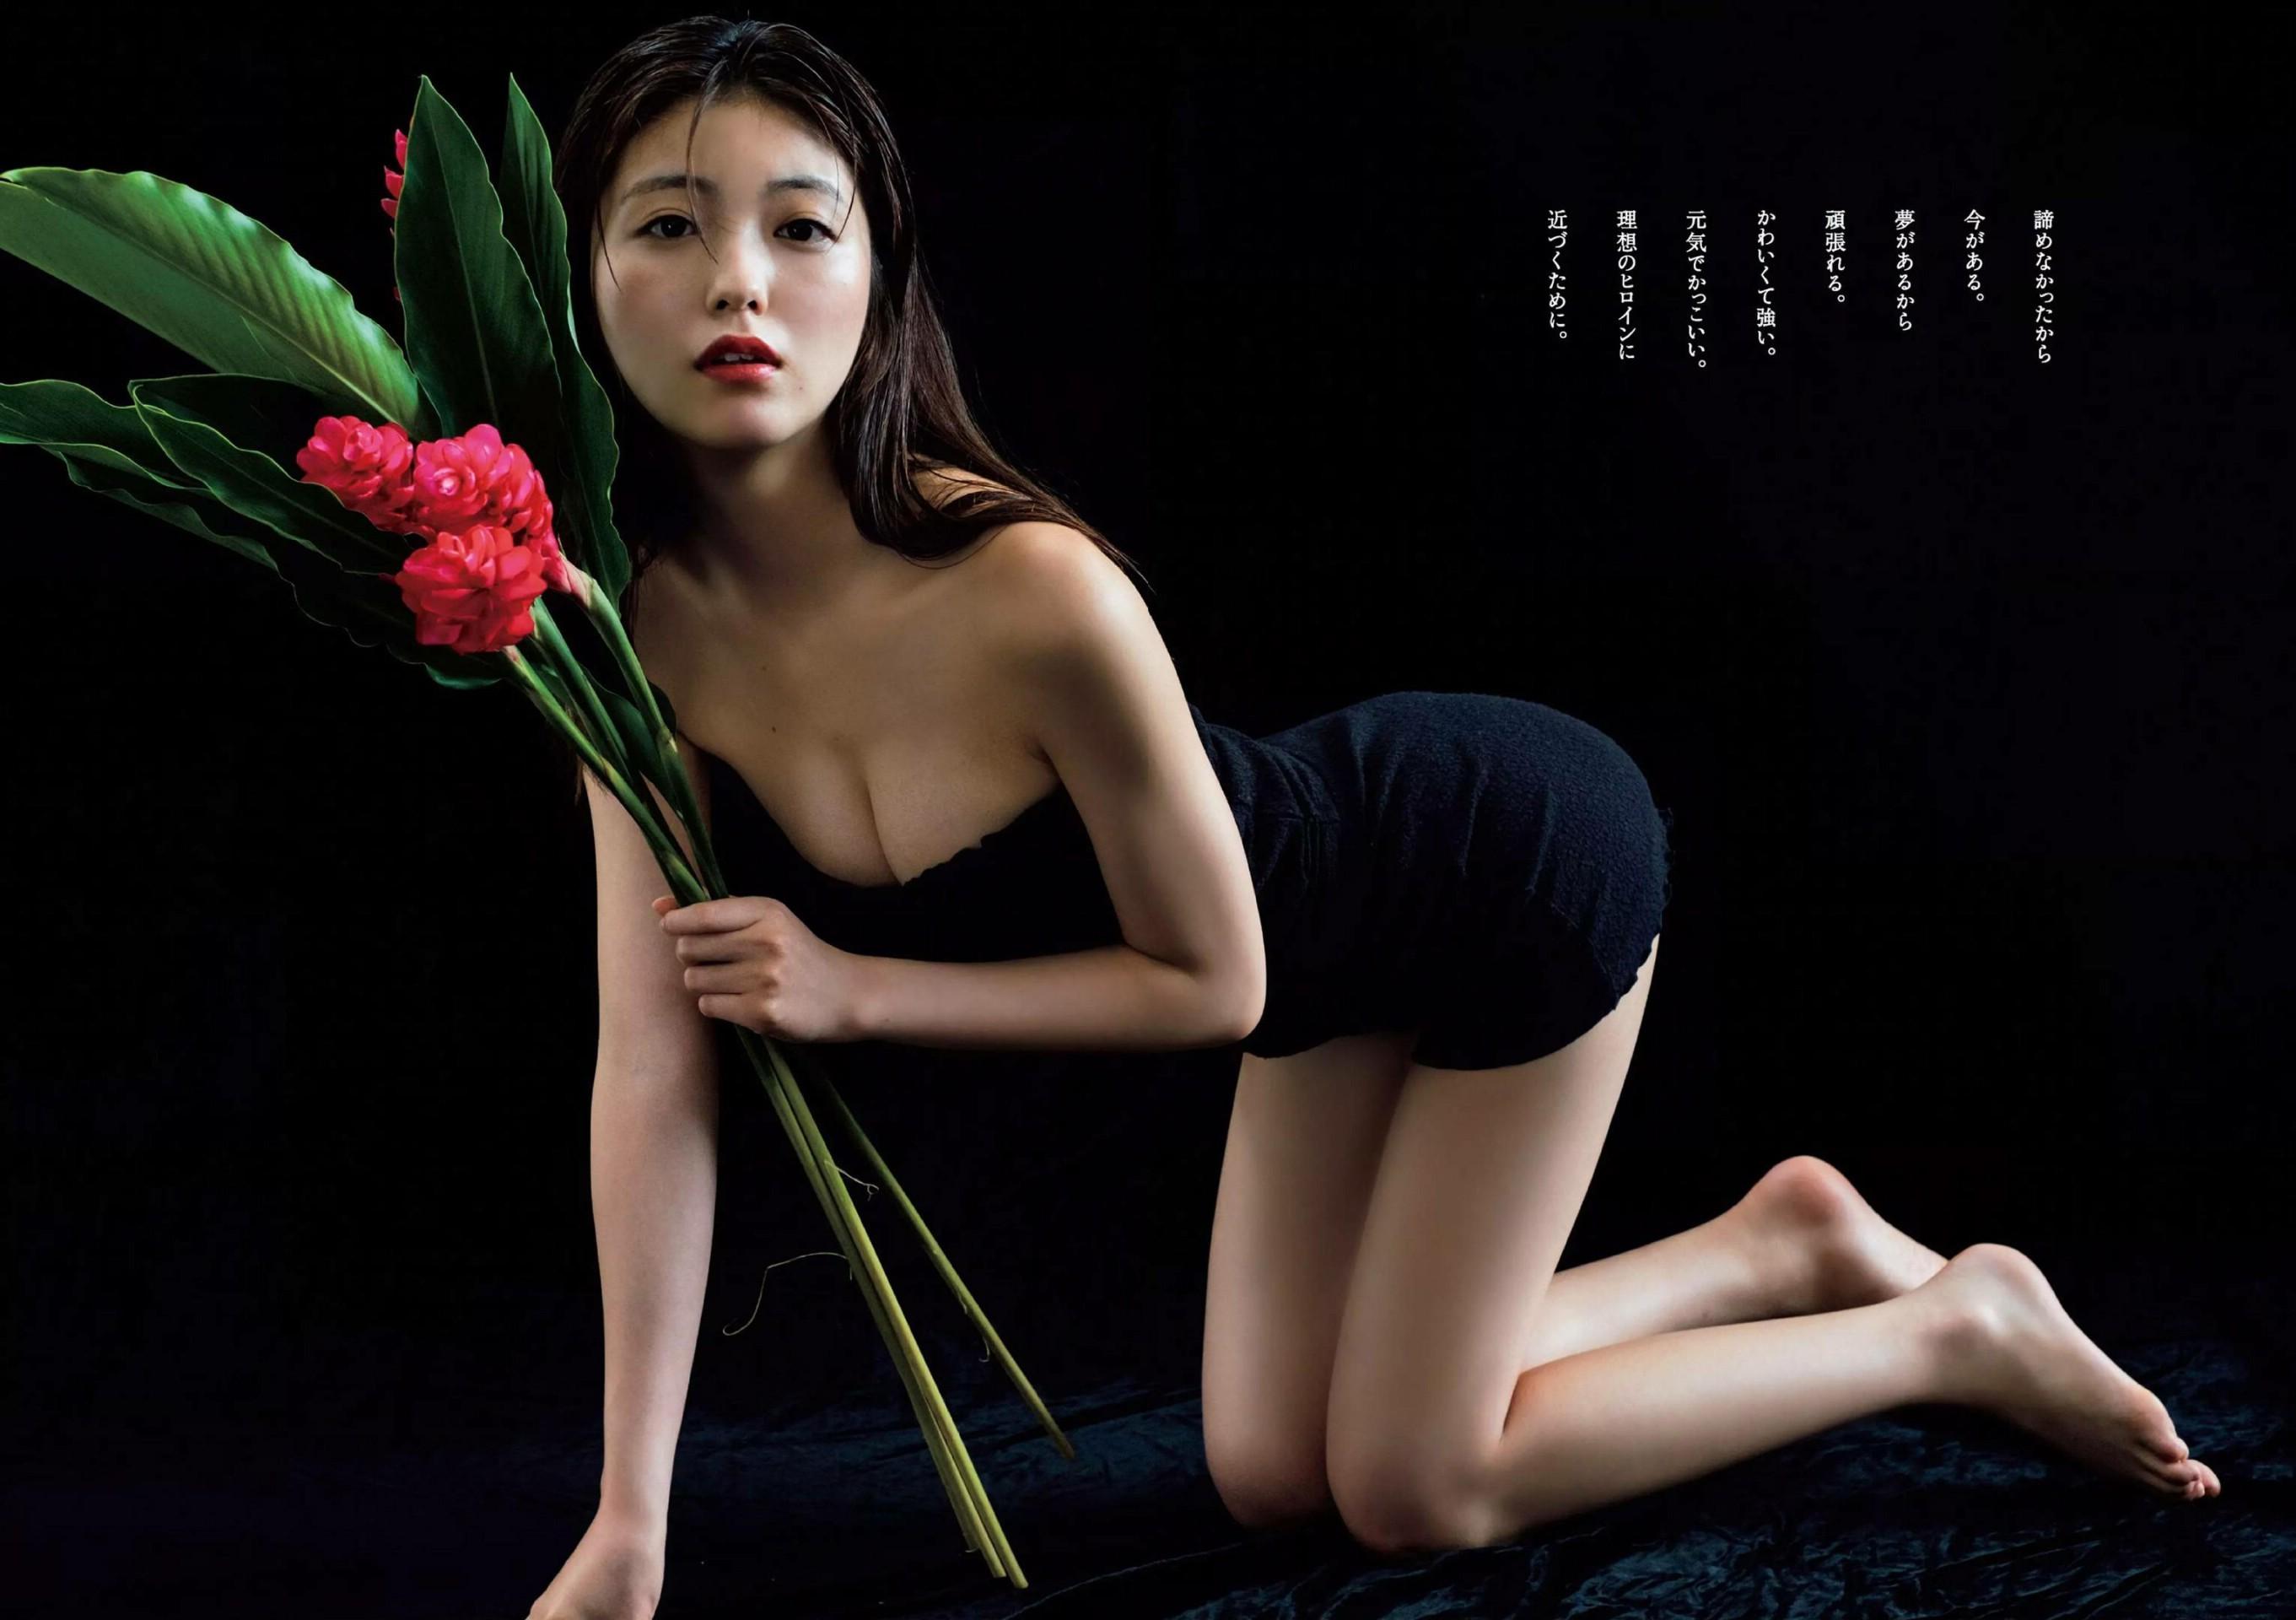 Weekly Playboy 2020-31_32_imgs-0011